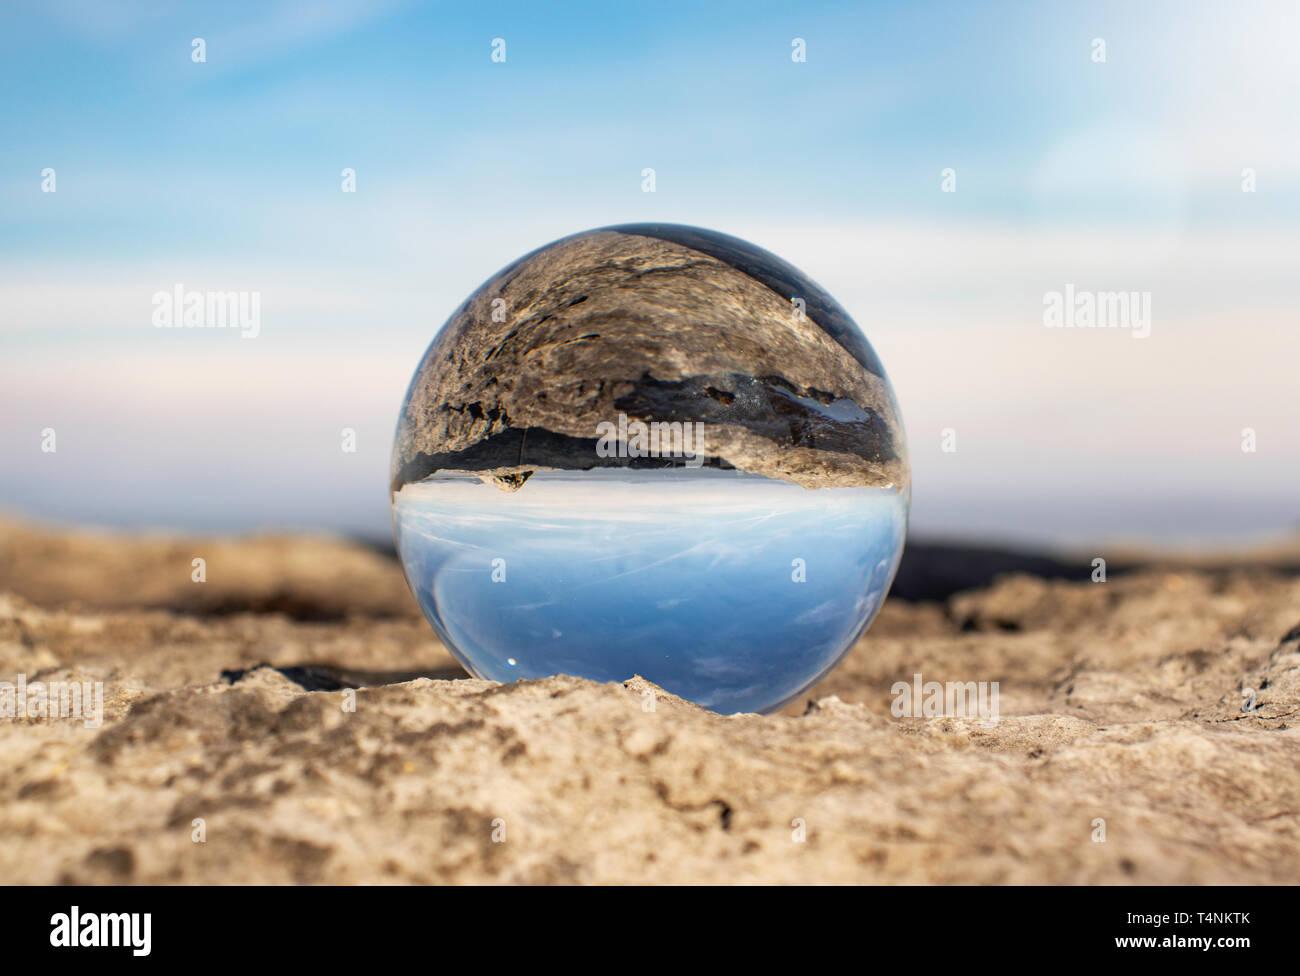 La baie de Morecambe sur une bonne journée de printemps, comme le montre la photographie à travers un cristal ball reposant sur des rochers - Photographie, ciel bleu, plage de Morecambe - Photo Stock